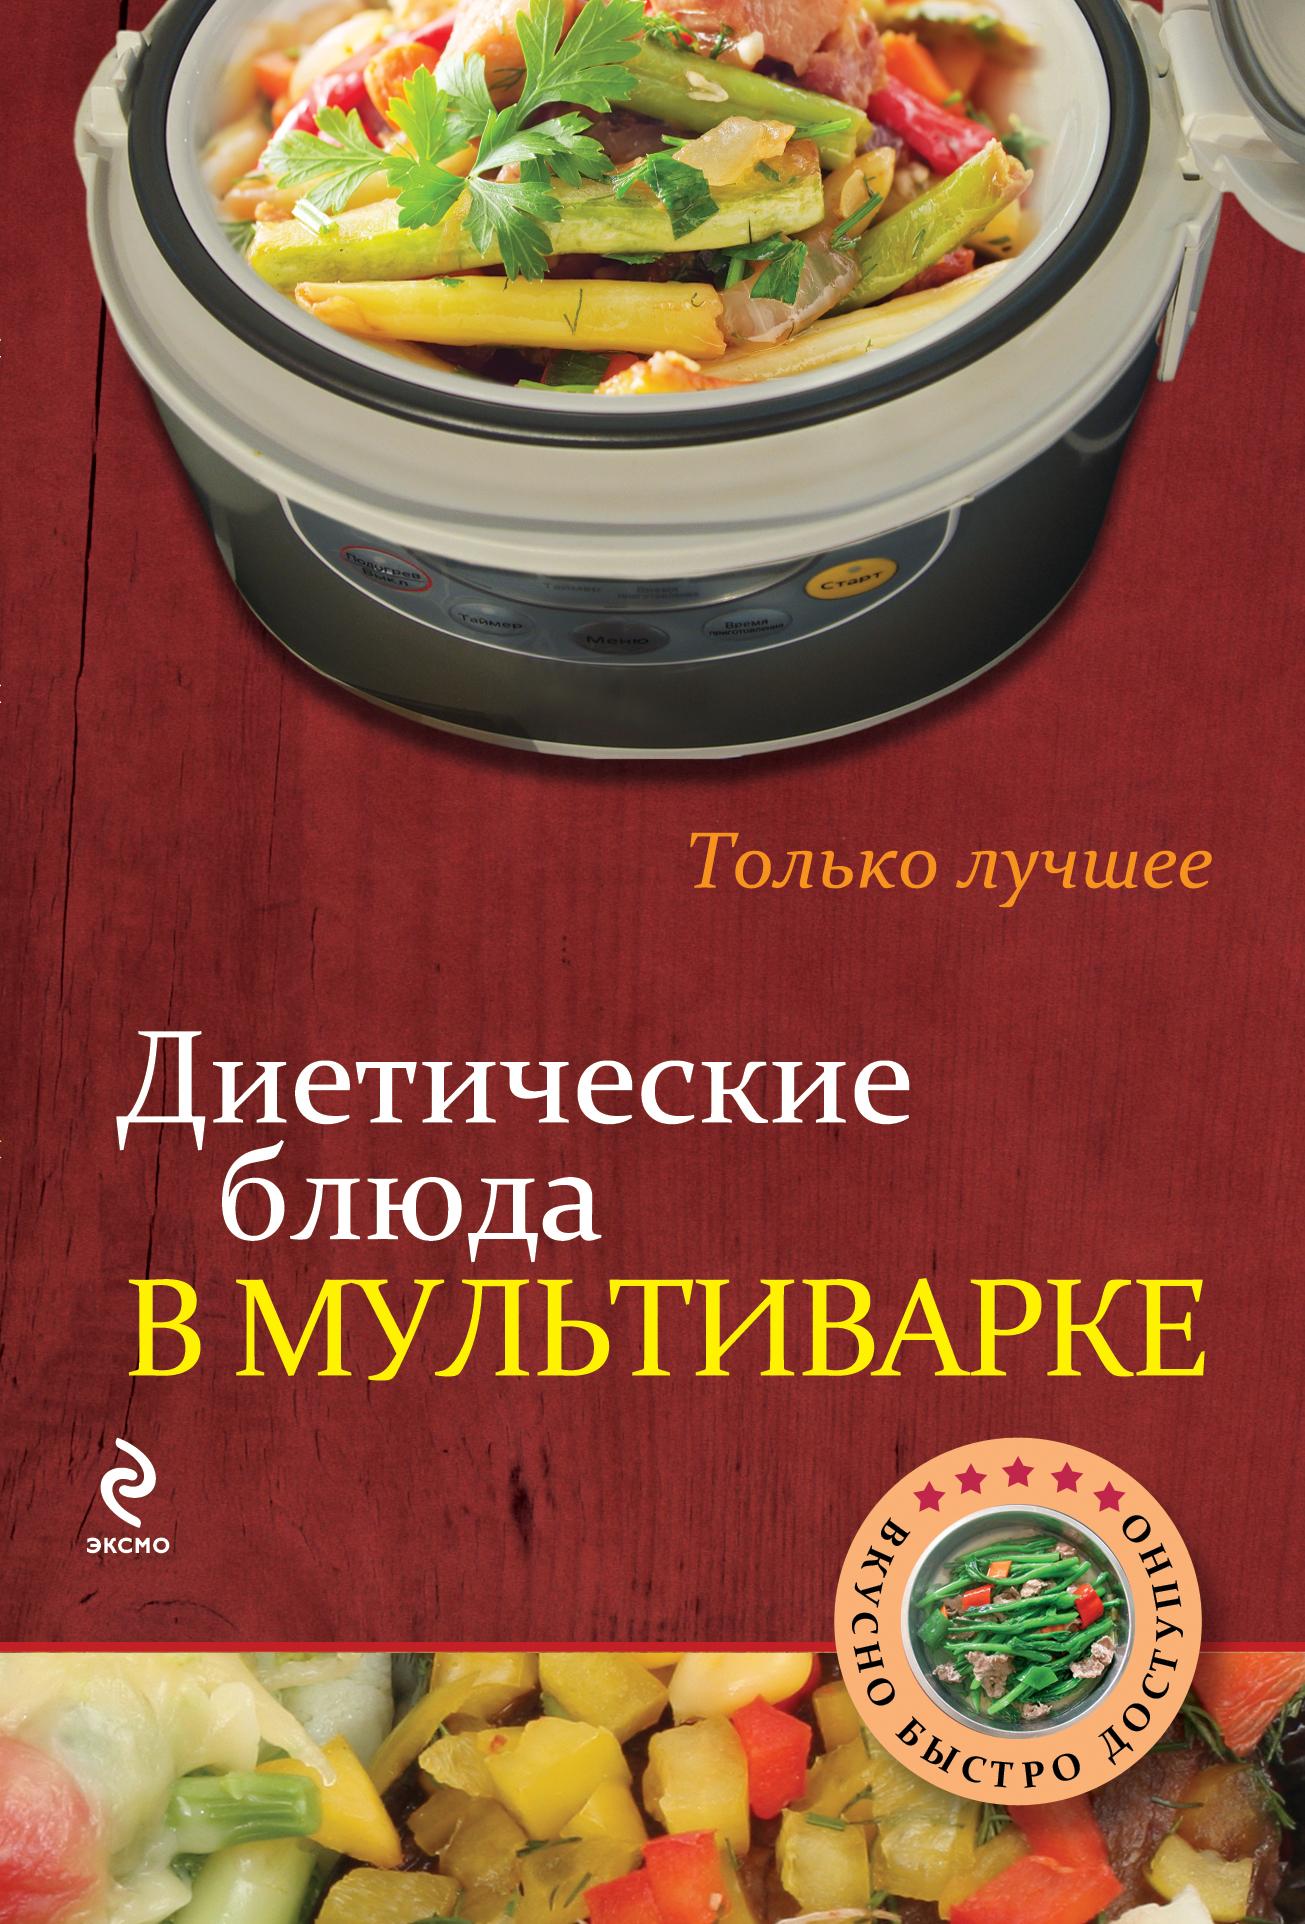 Диетические блюда в мультиварке